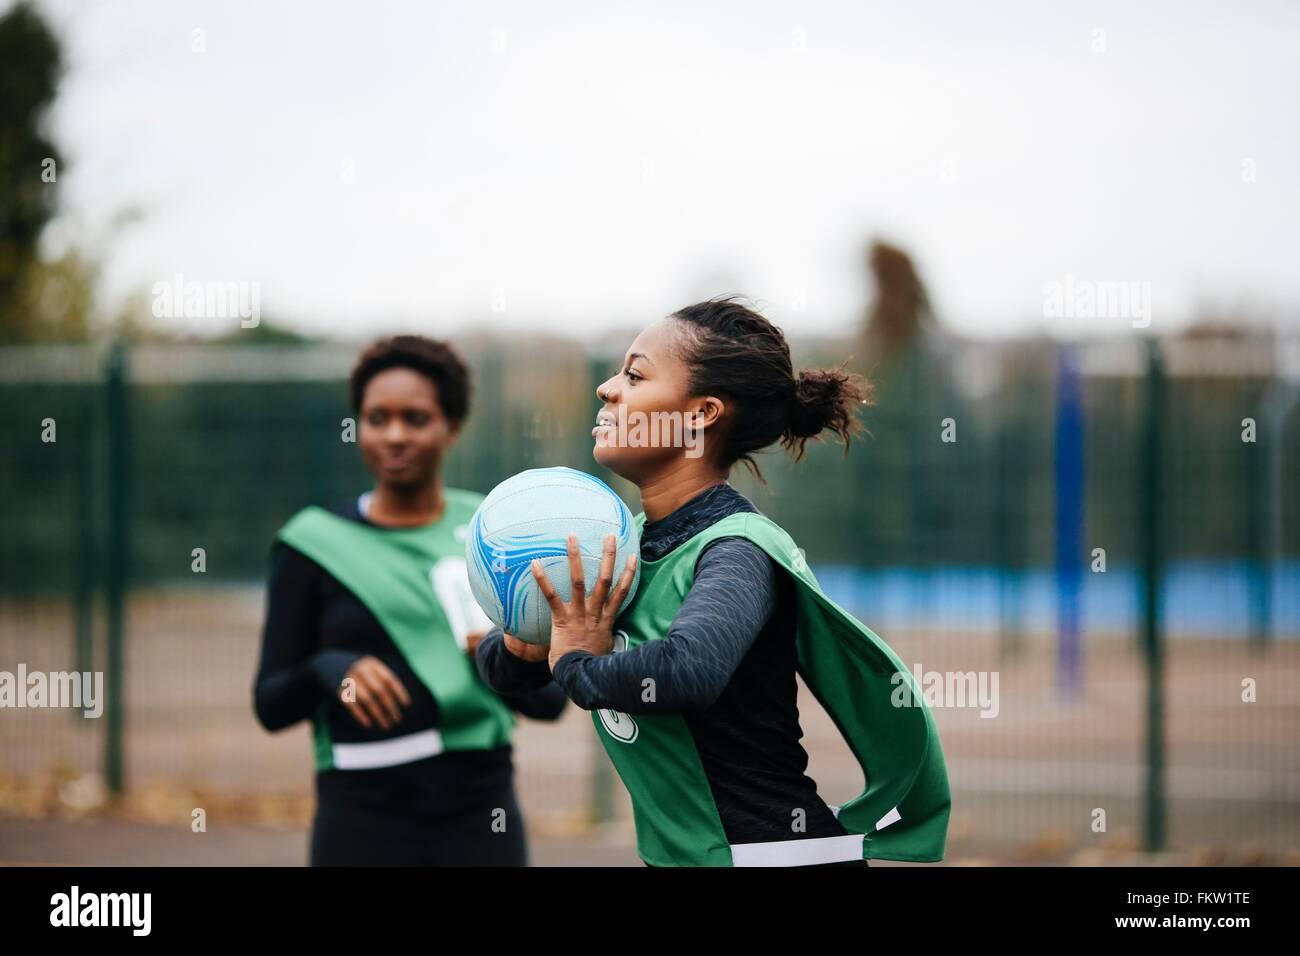 Adulto joven jugador de baloncesto femenino en el juego en el corte de baloncesto Imagen De Stock